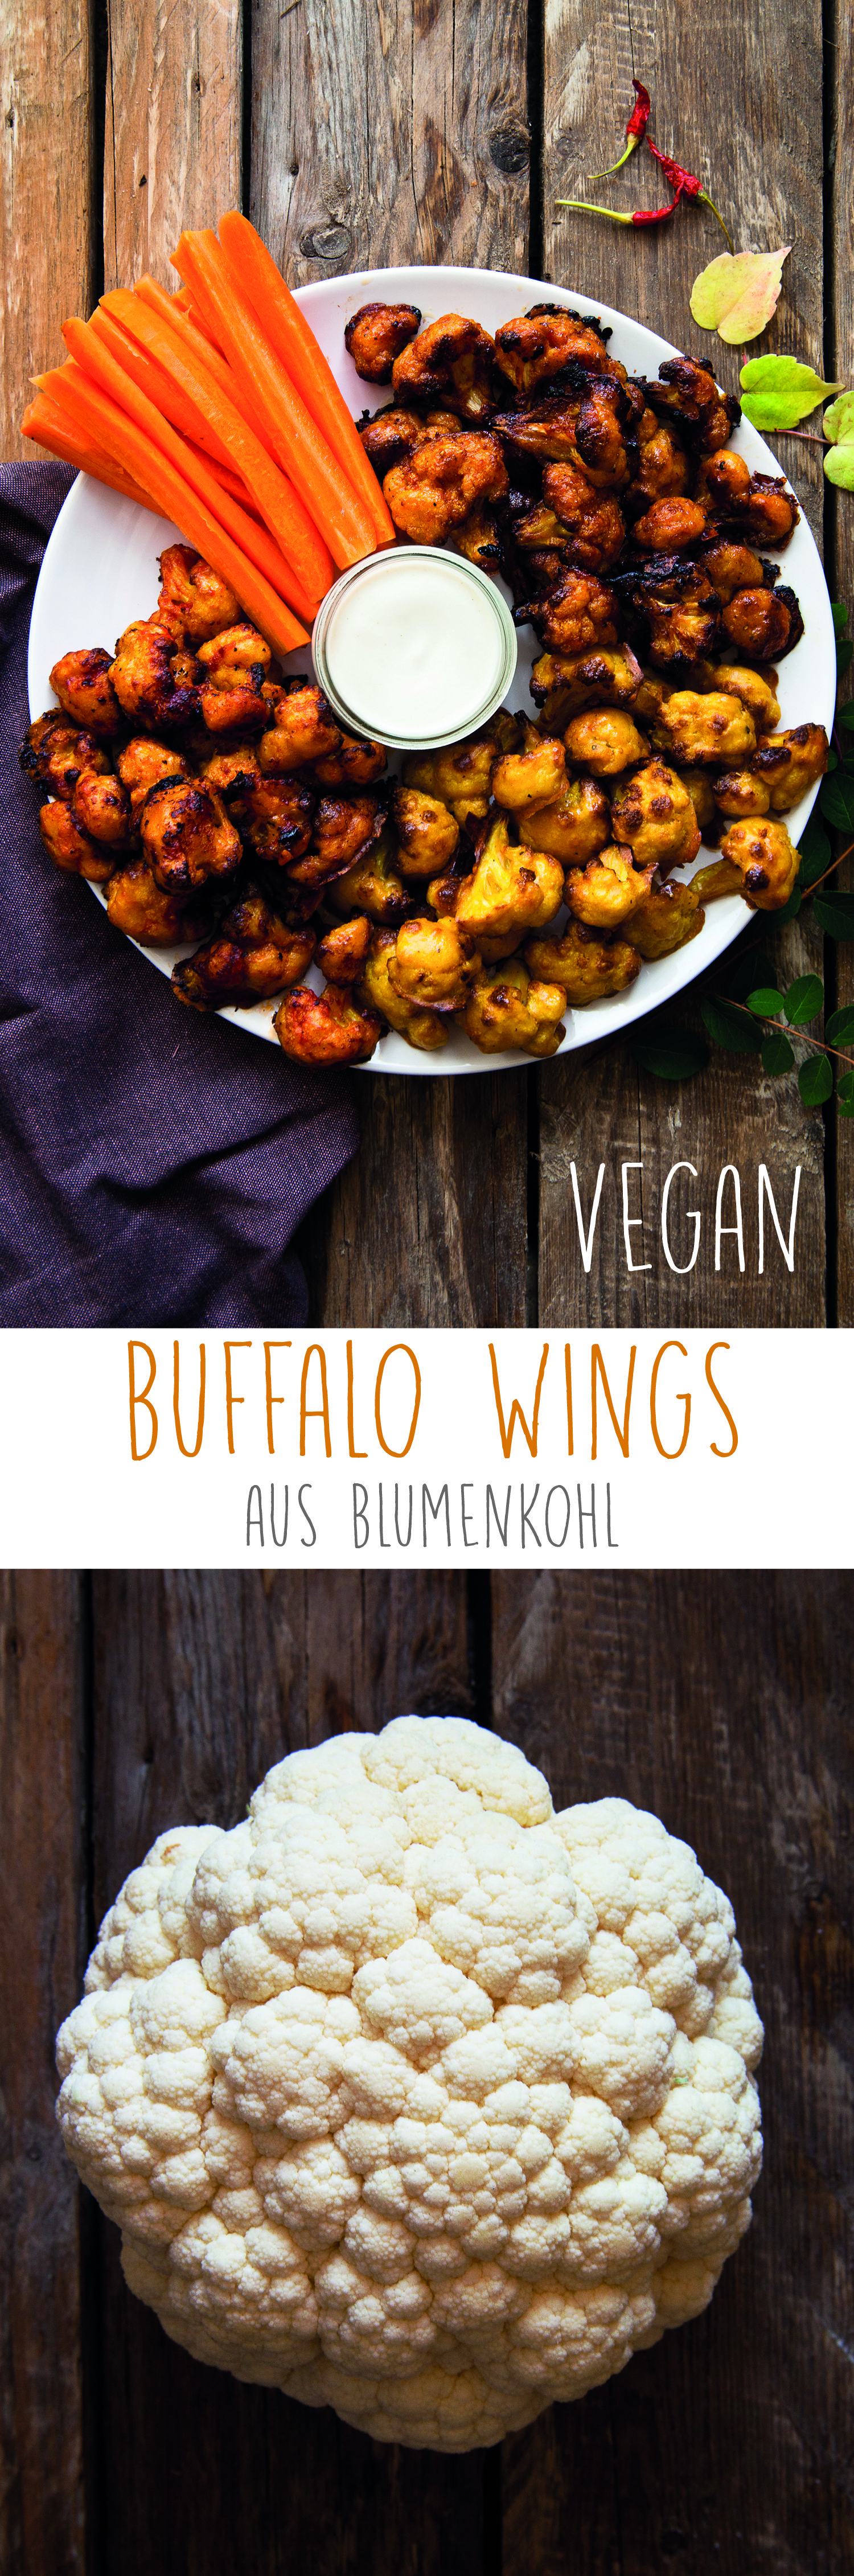 Vegane Buffalowings aus Blumenkohl | veganmom